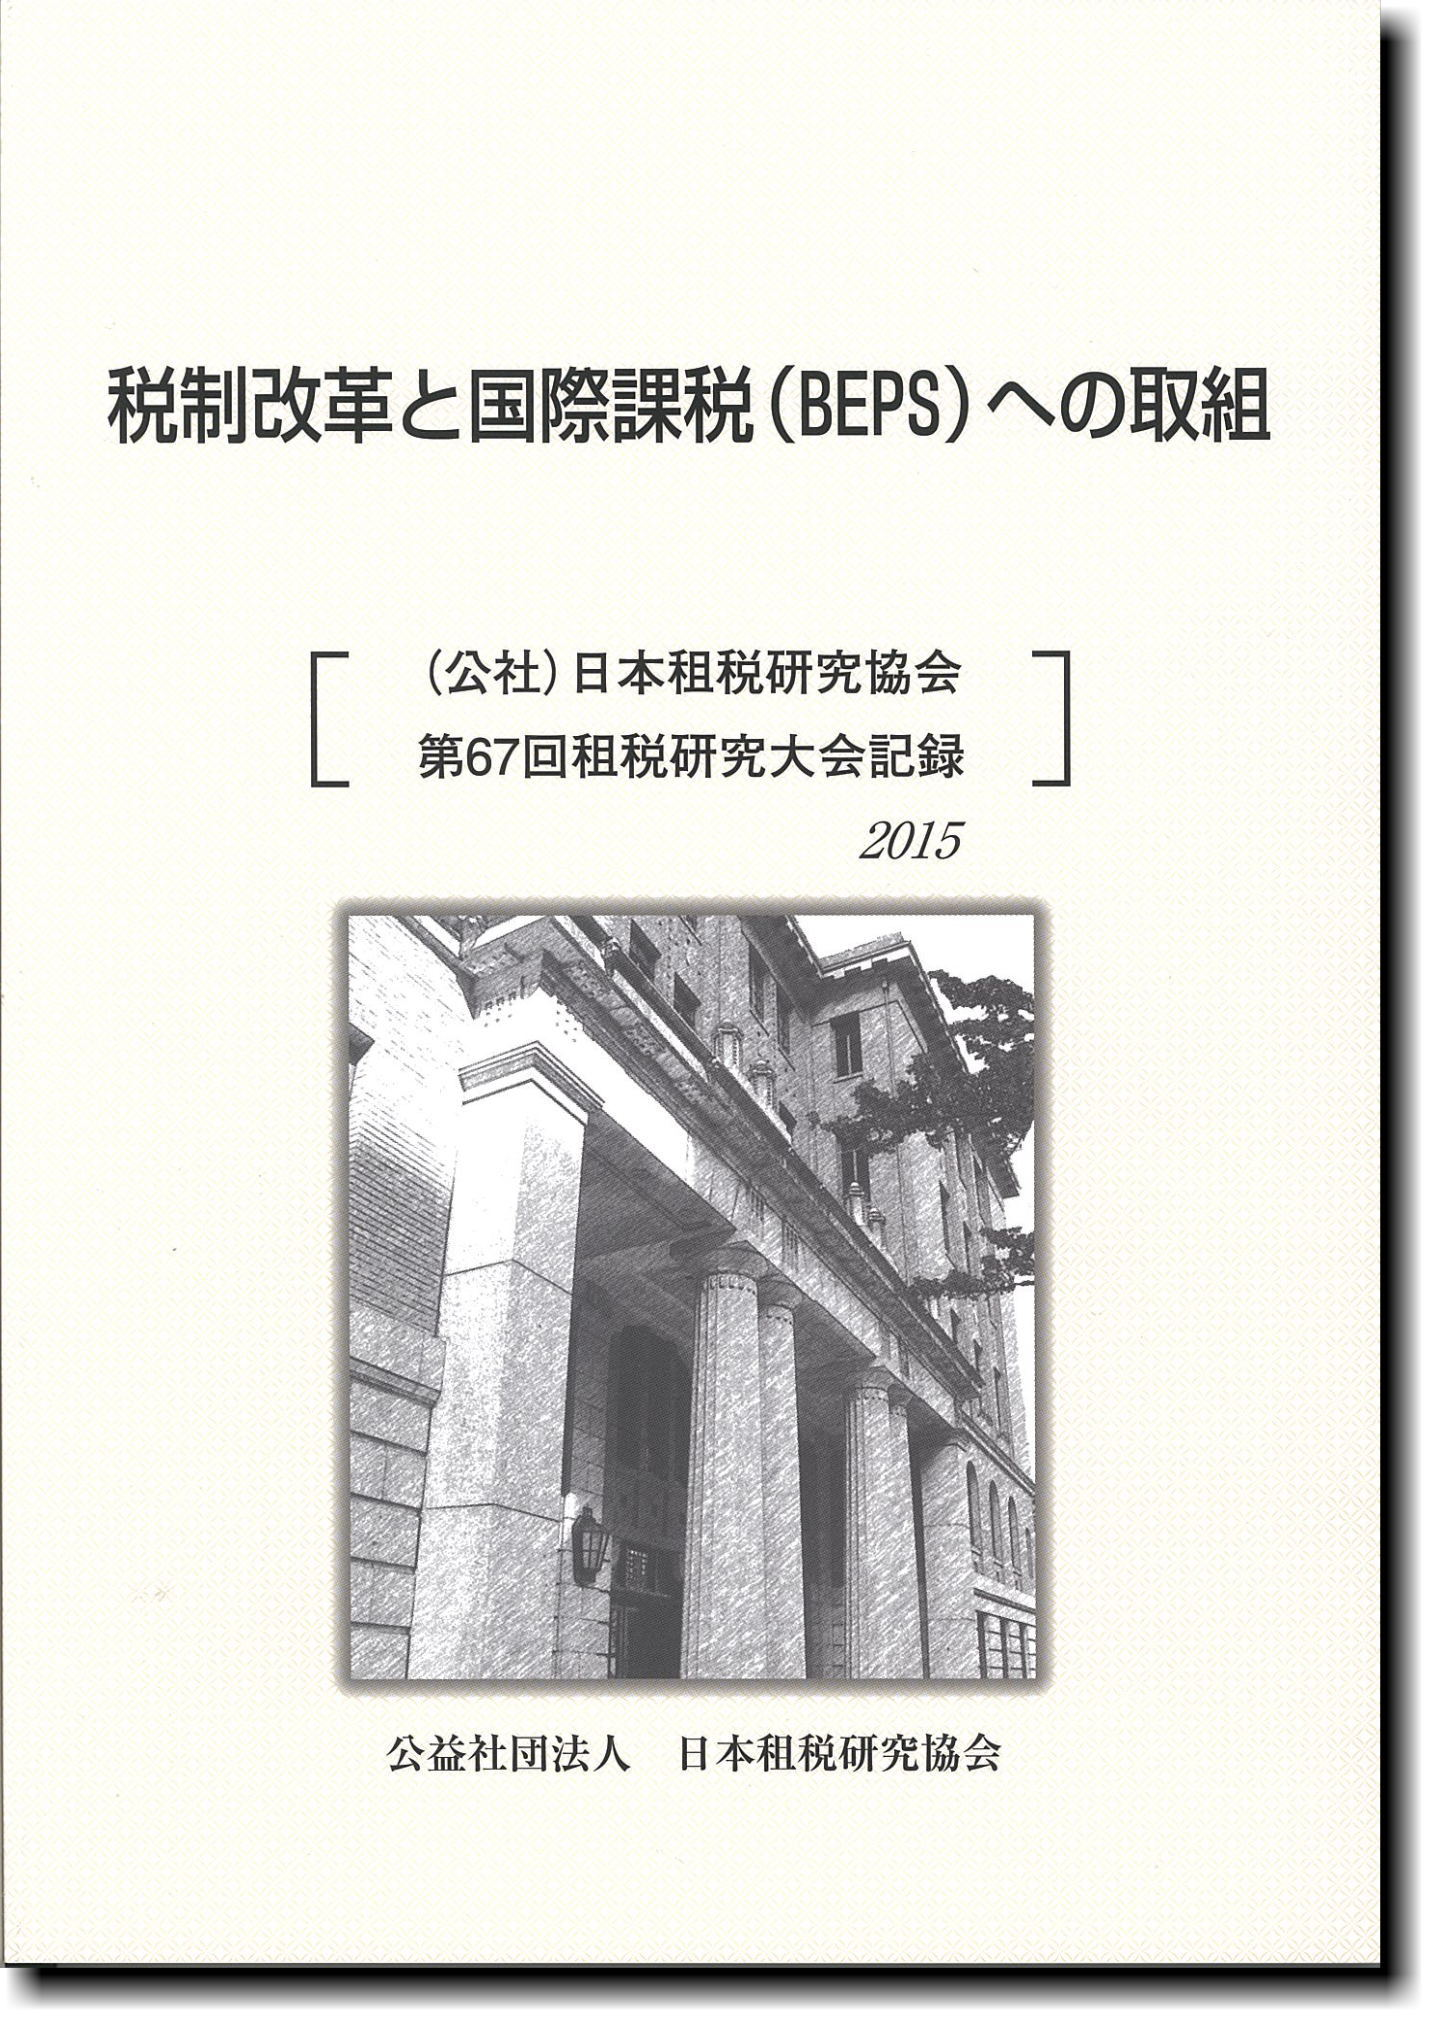 税制改革と国際課税(BEPS)への取組 [(公社)日本租税研究協会第67回租税研究大会記録 2015]